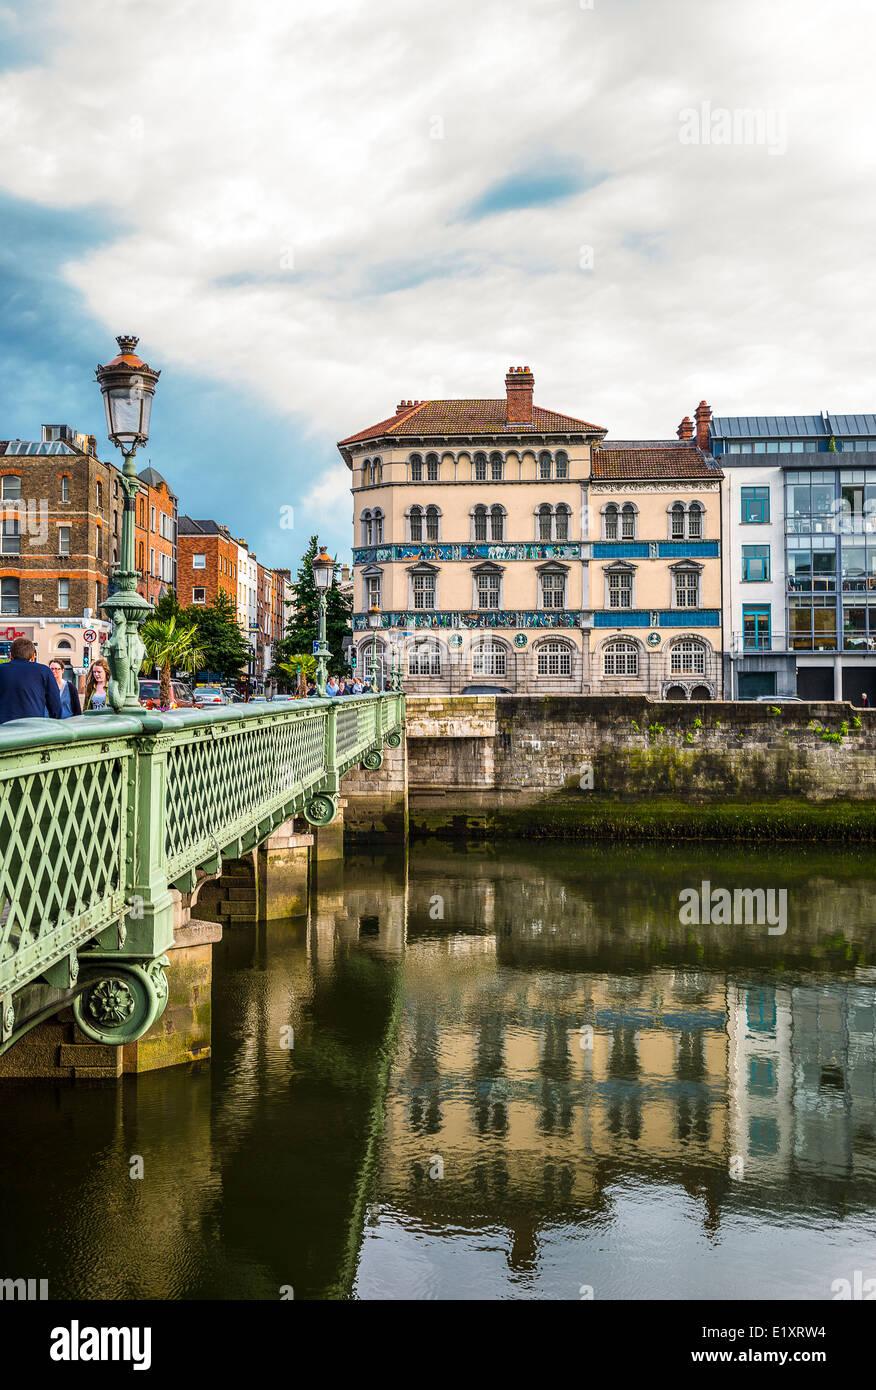 Ireland, Dublin, the Essex bridge - Stock Image